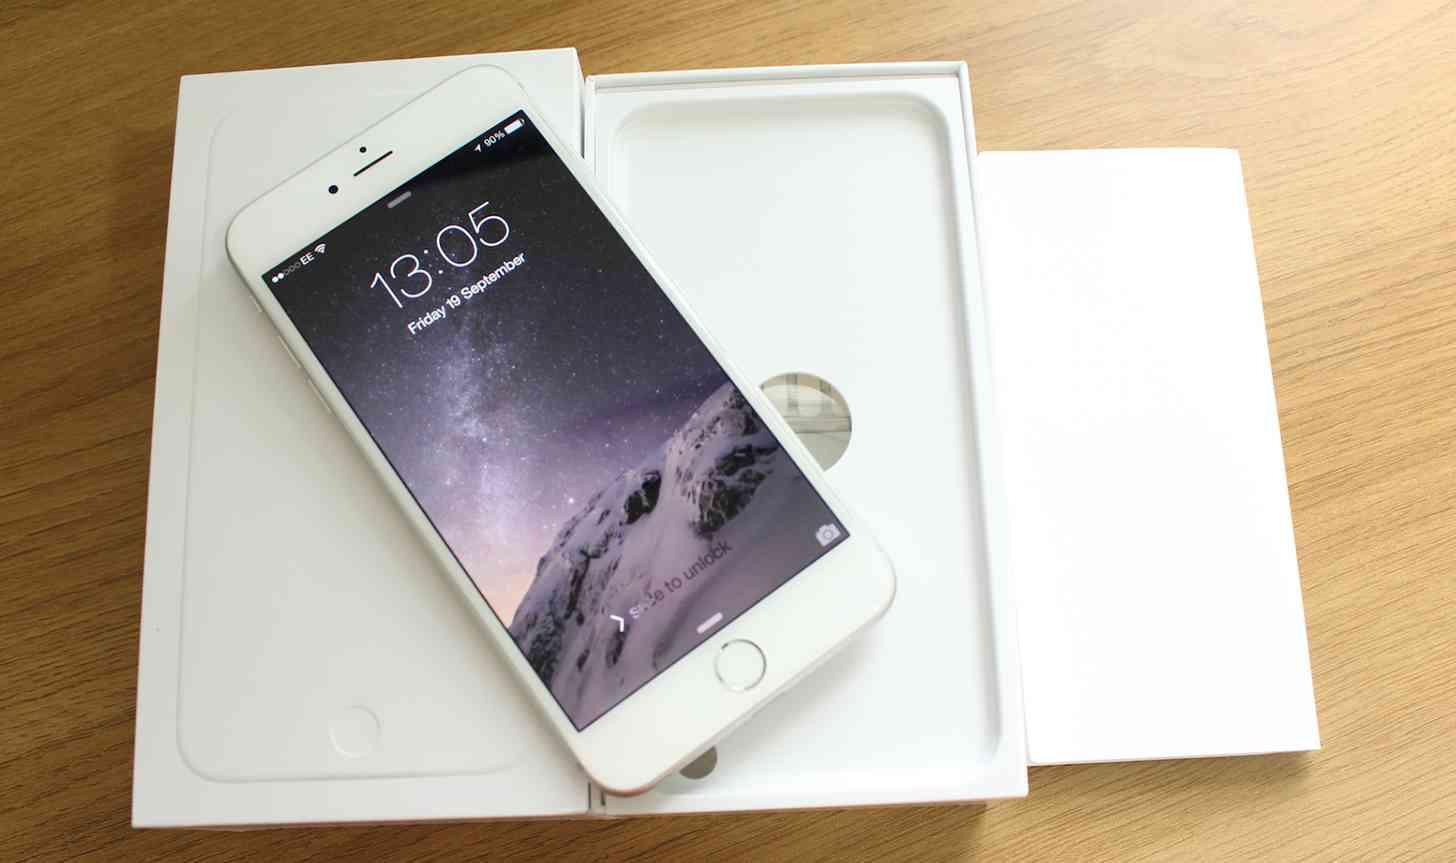 iPhone 6 Plus unboxing